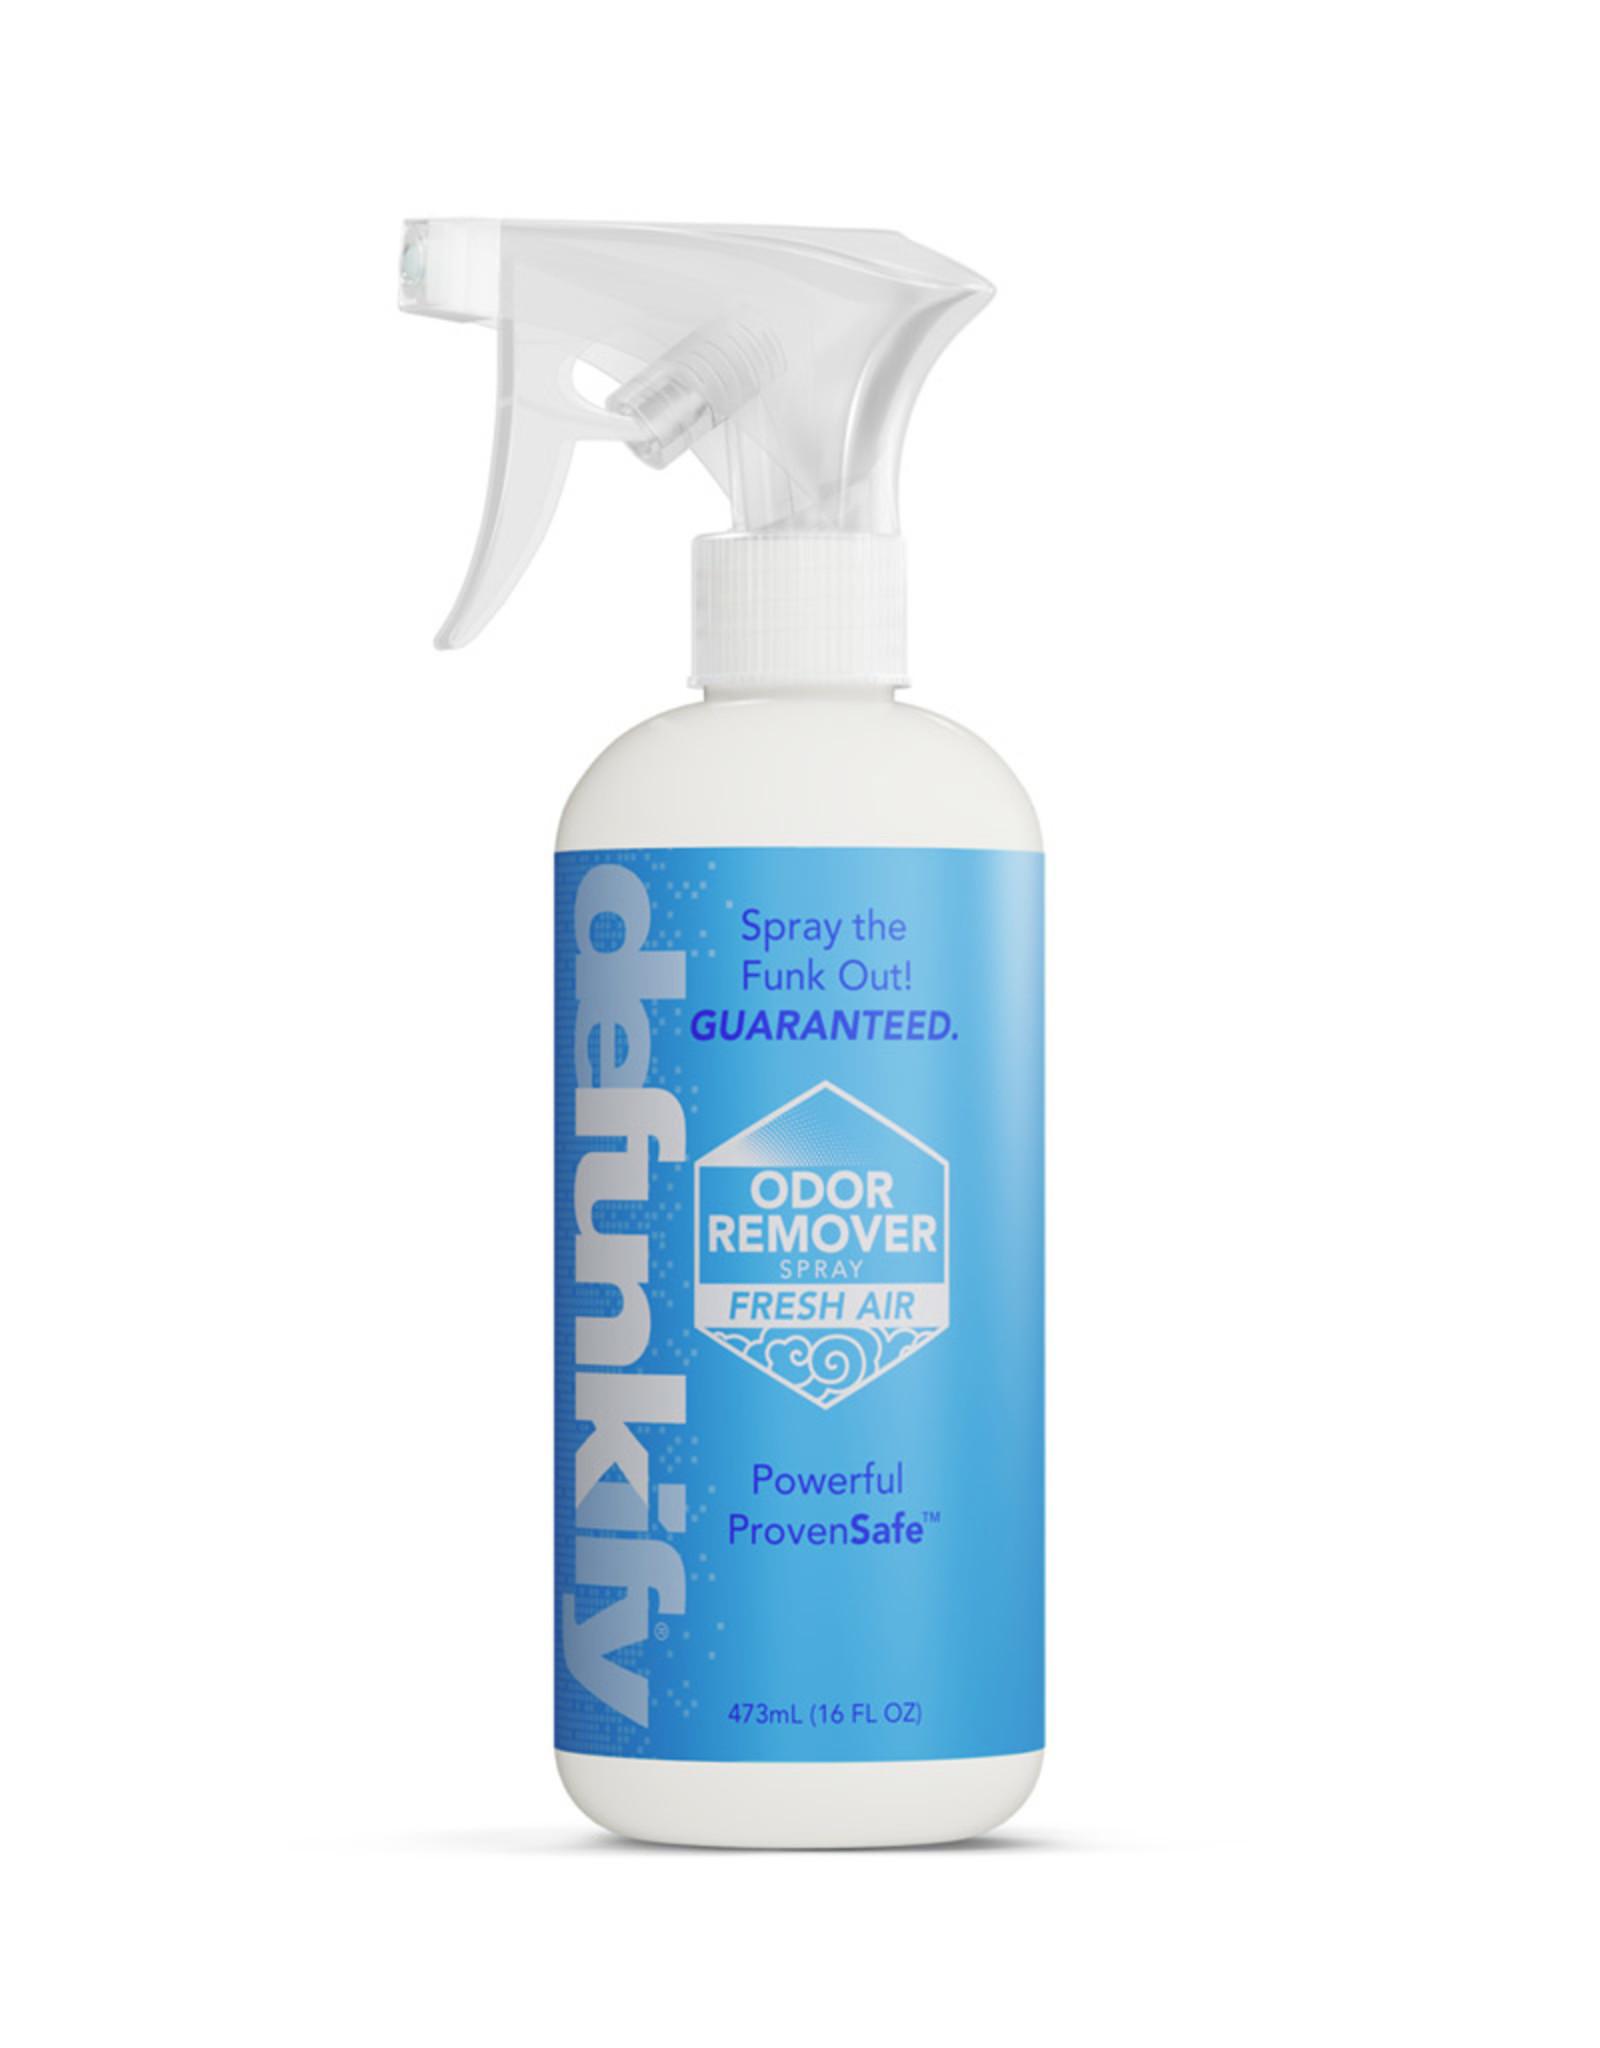 DEFUNKIT Odor Remover Spray